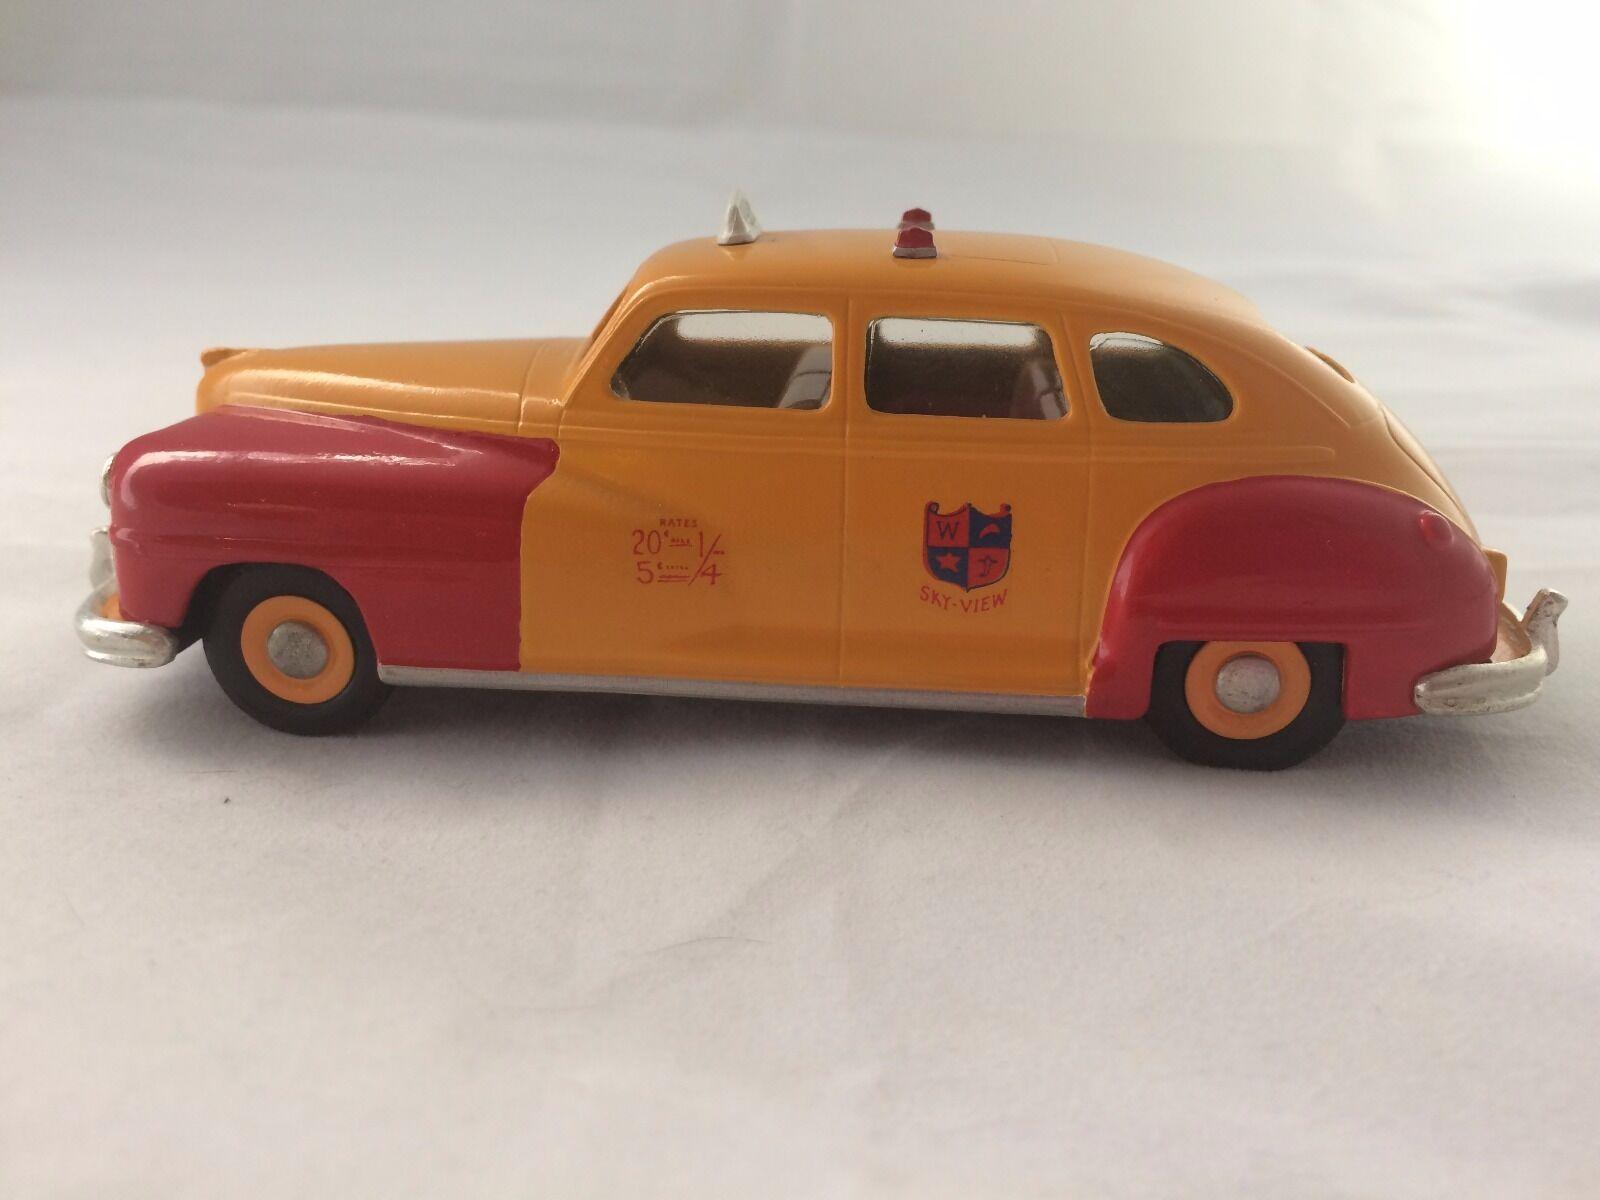 Vintage 1948 Desoto Sol Motor Co. escala 1 43